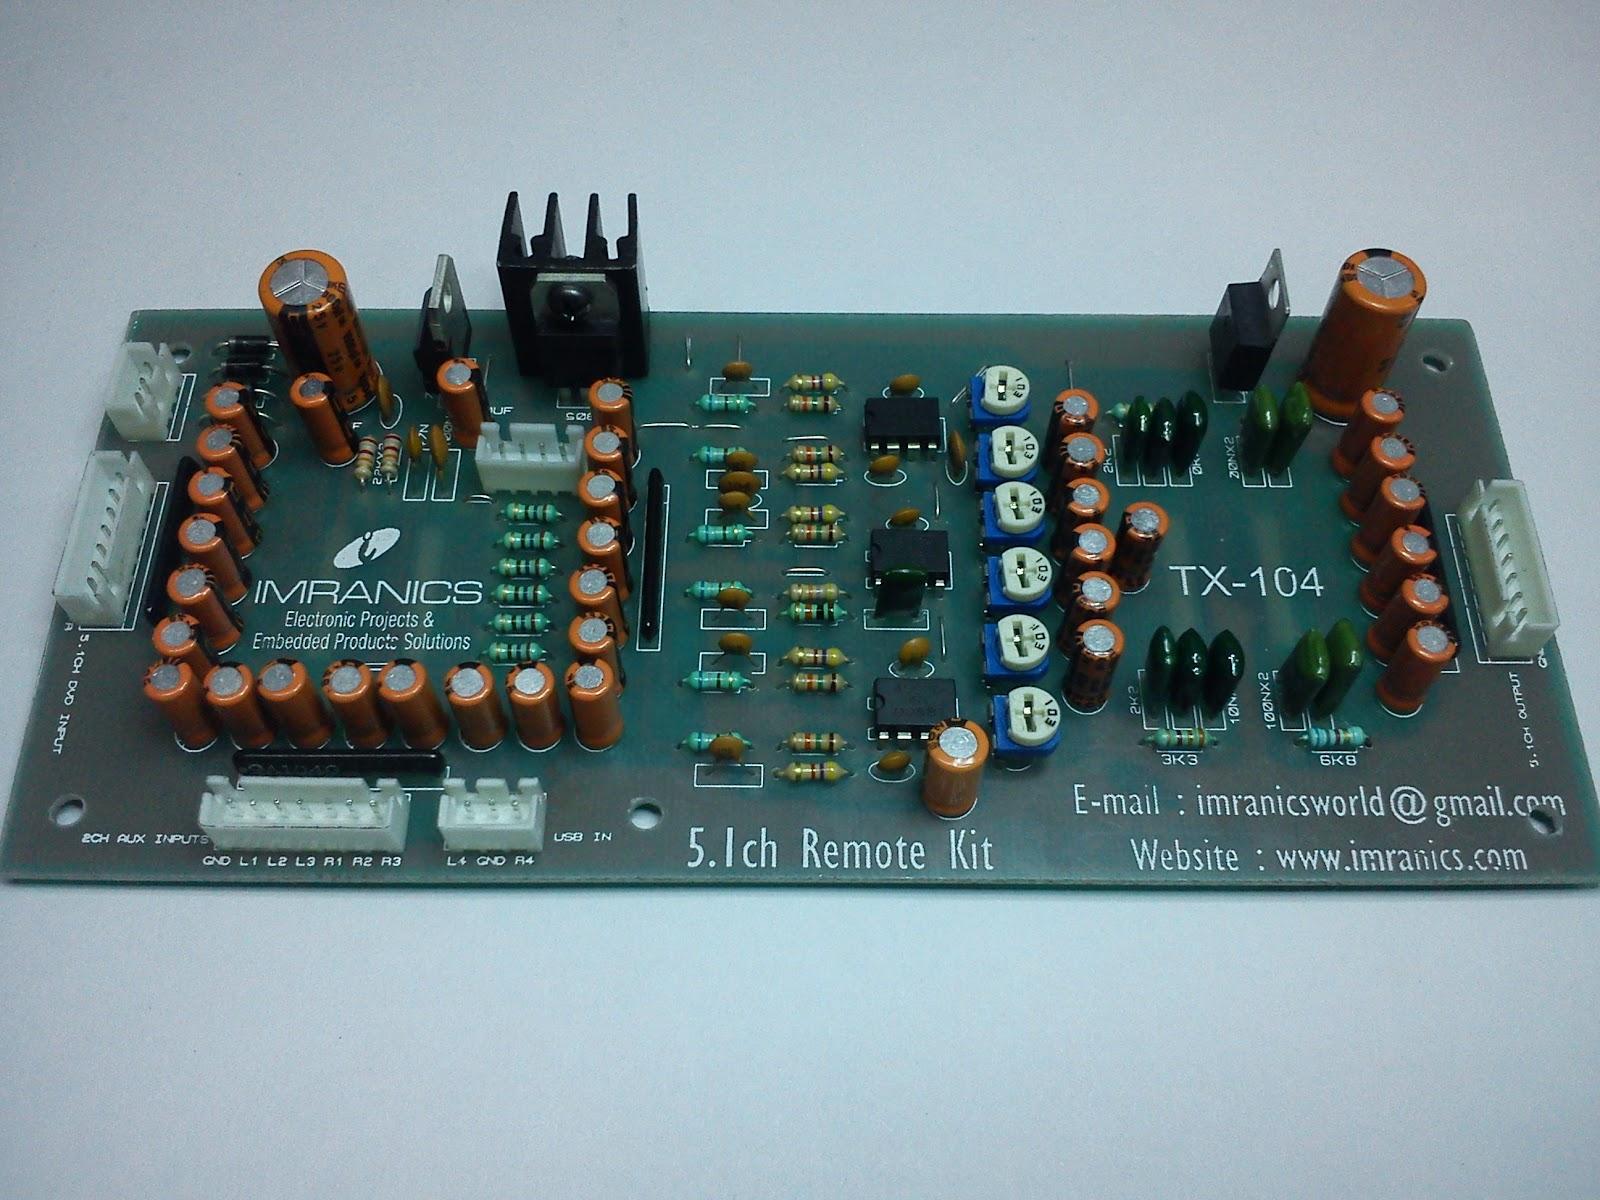 7 1 home theater wire diagram 5 1 surround board circuit circuit diagram images 5 1 home theater wiring diagram